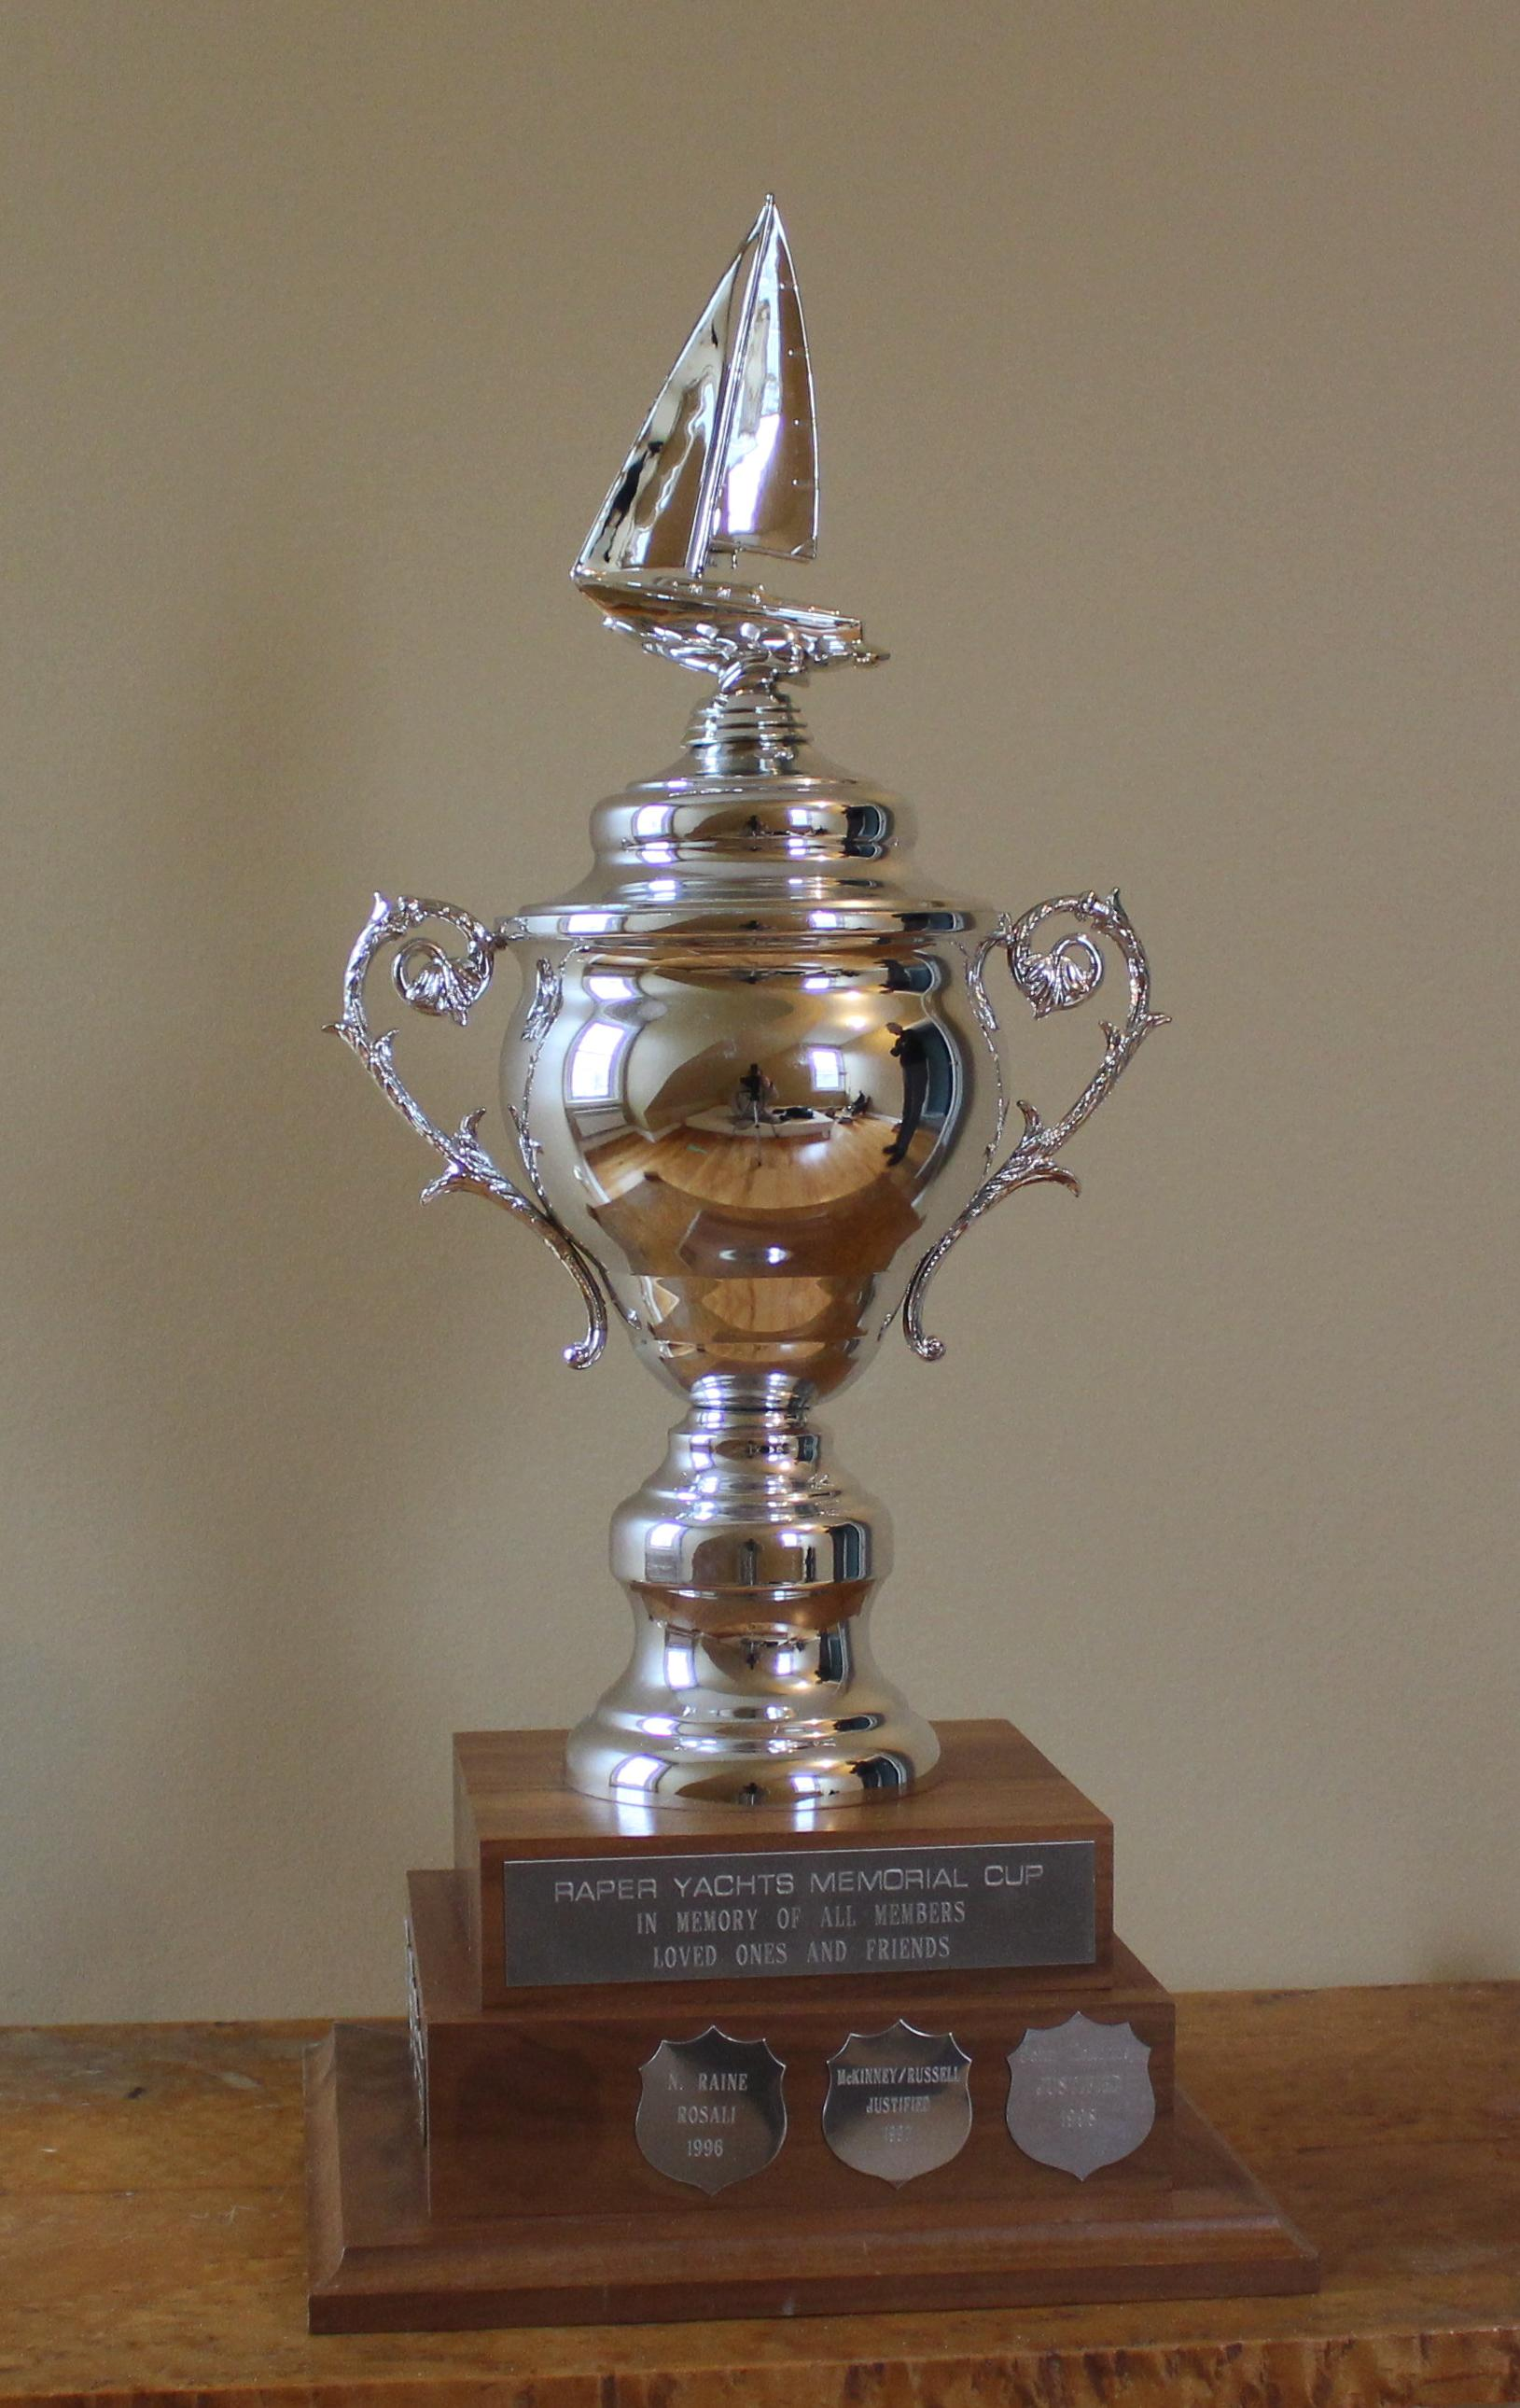 FYC-Raper Memorial Cup